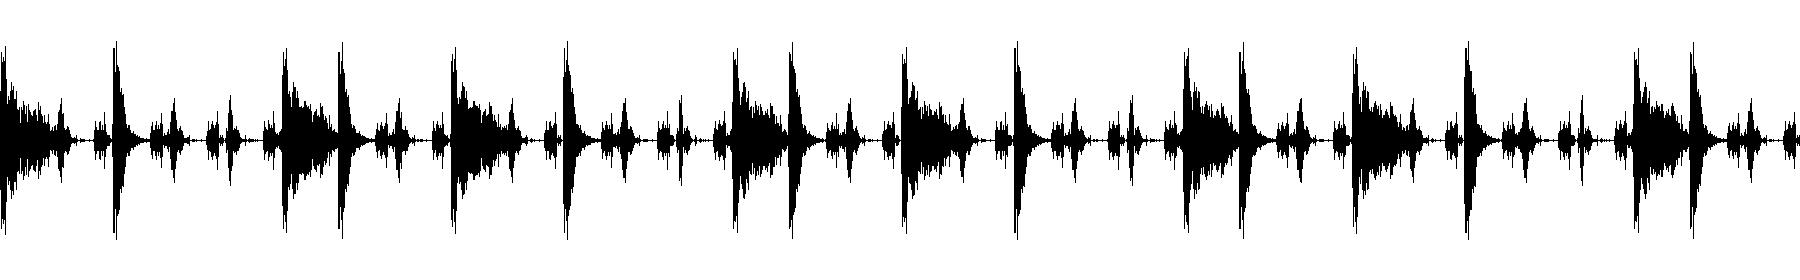 90 drumloop sp 02